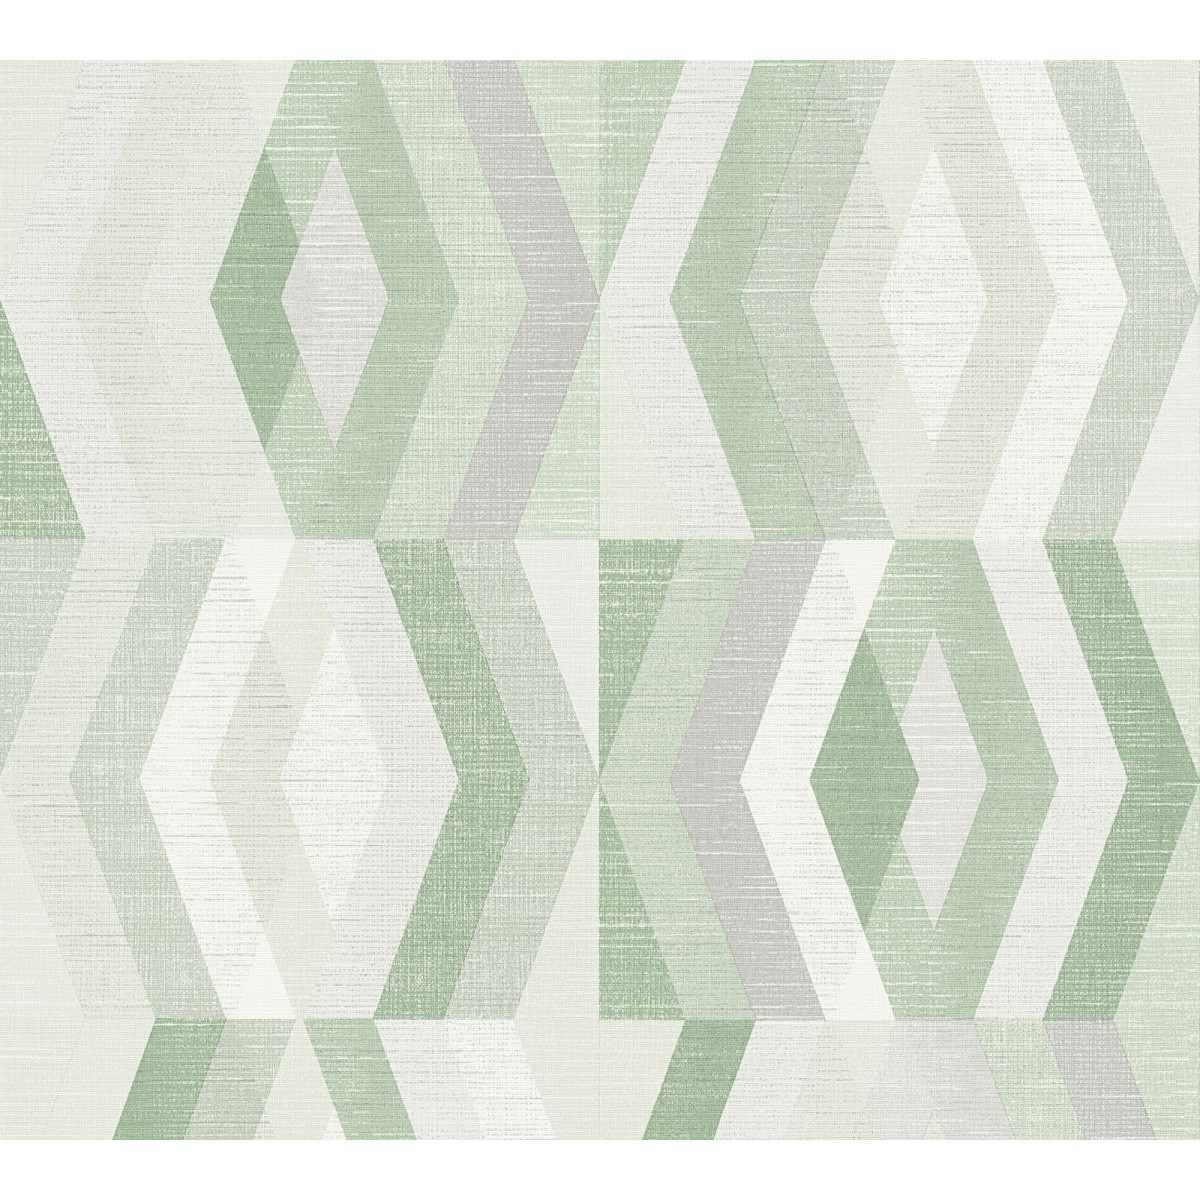 Обои флизелиновые A.S. Création Tapeten Ag Geo Nordic зеленые 375335 0.53 м